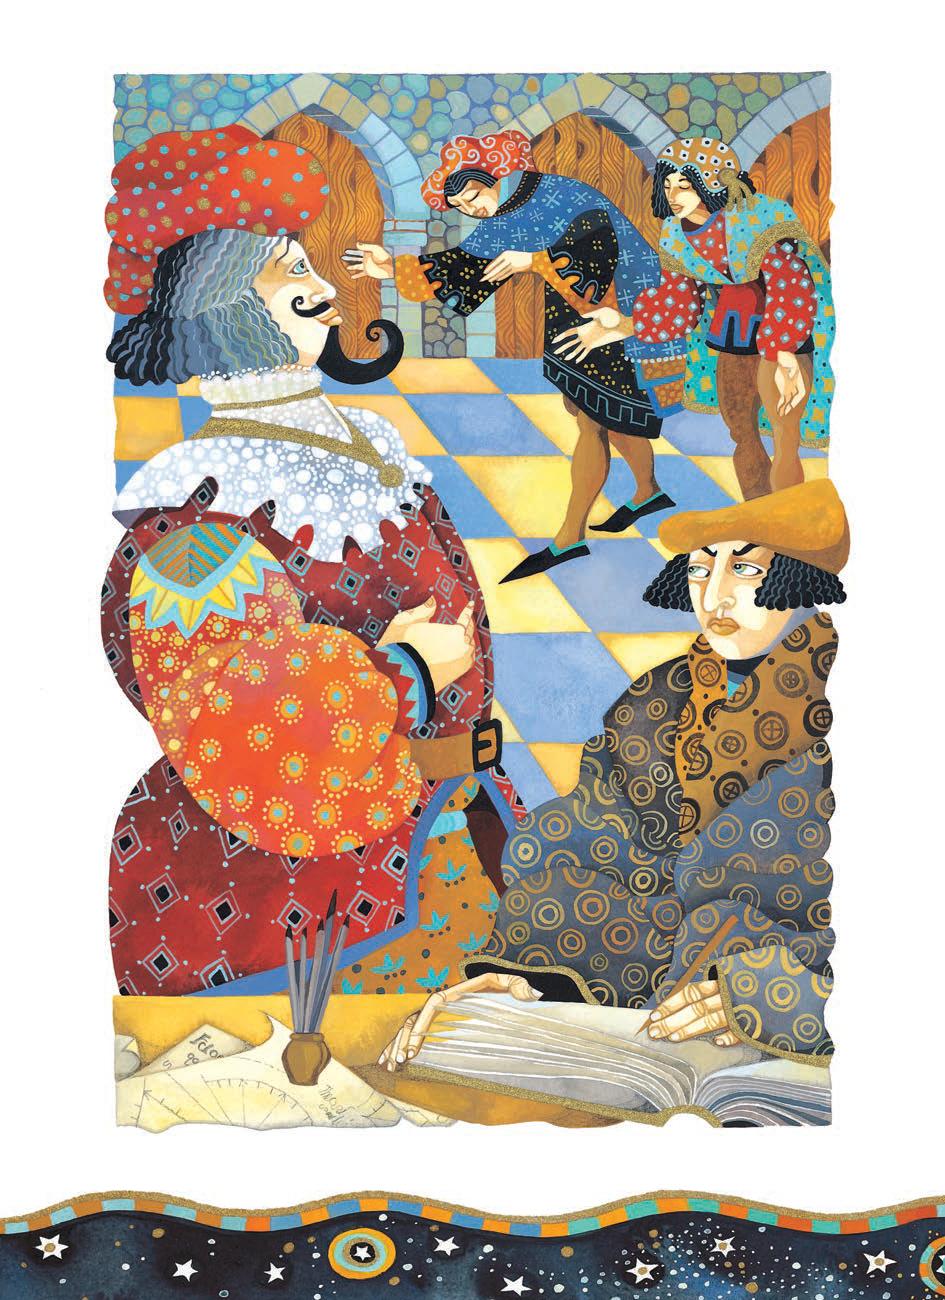 Ilustración del libro Cuentos sabios